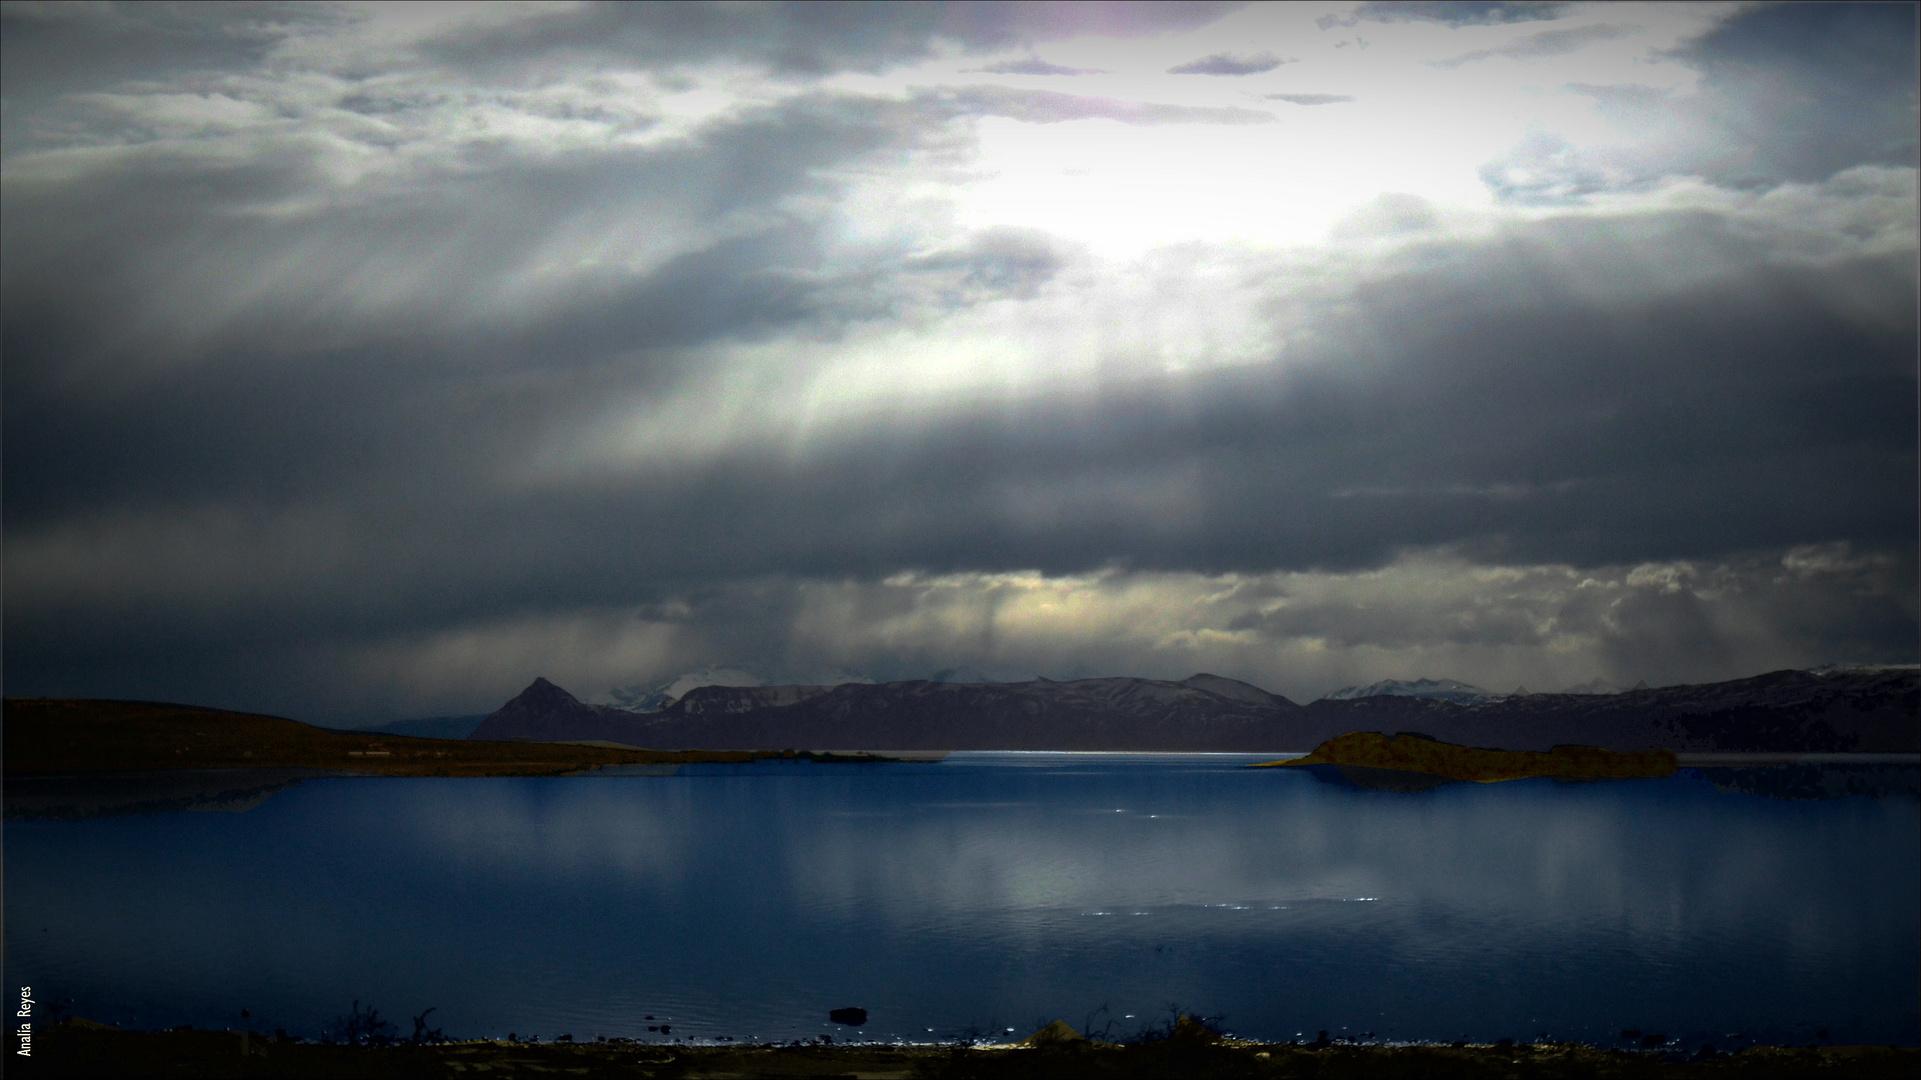 Cielo y lago